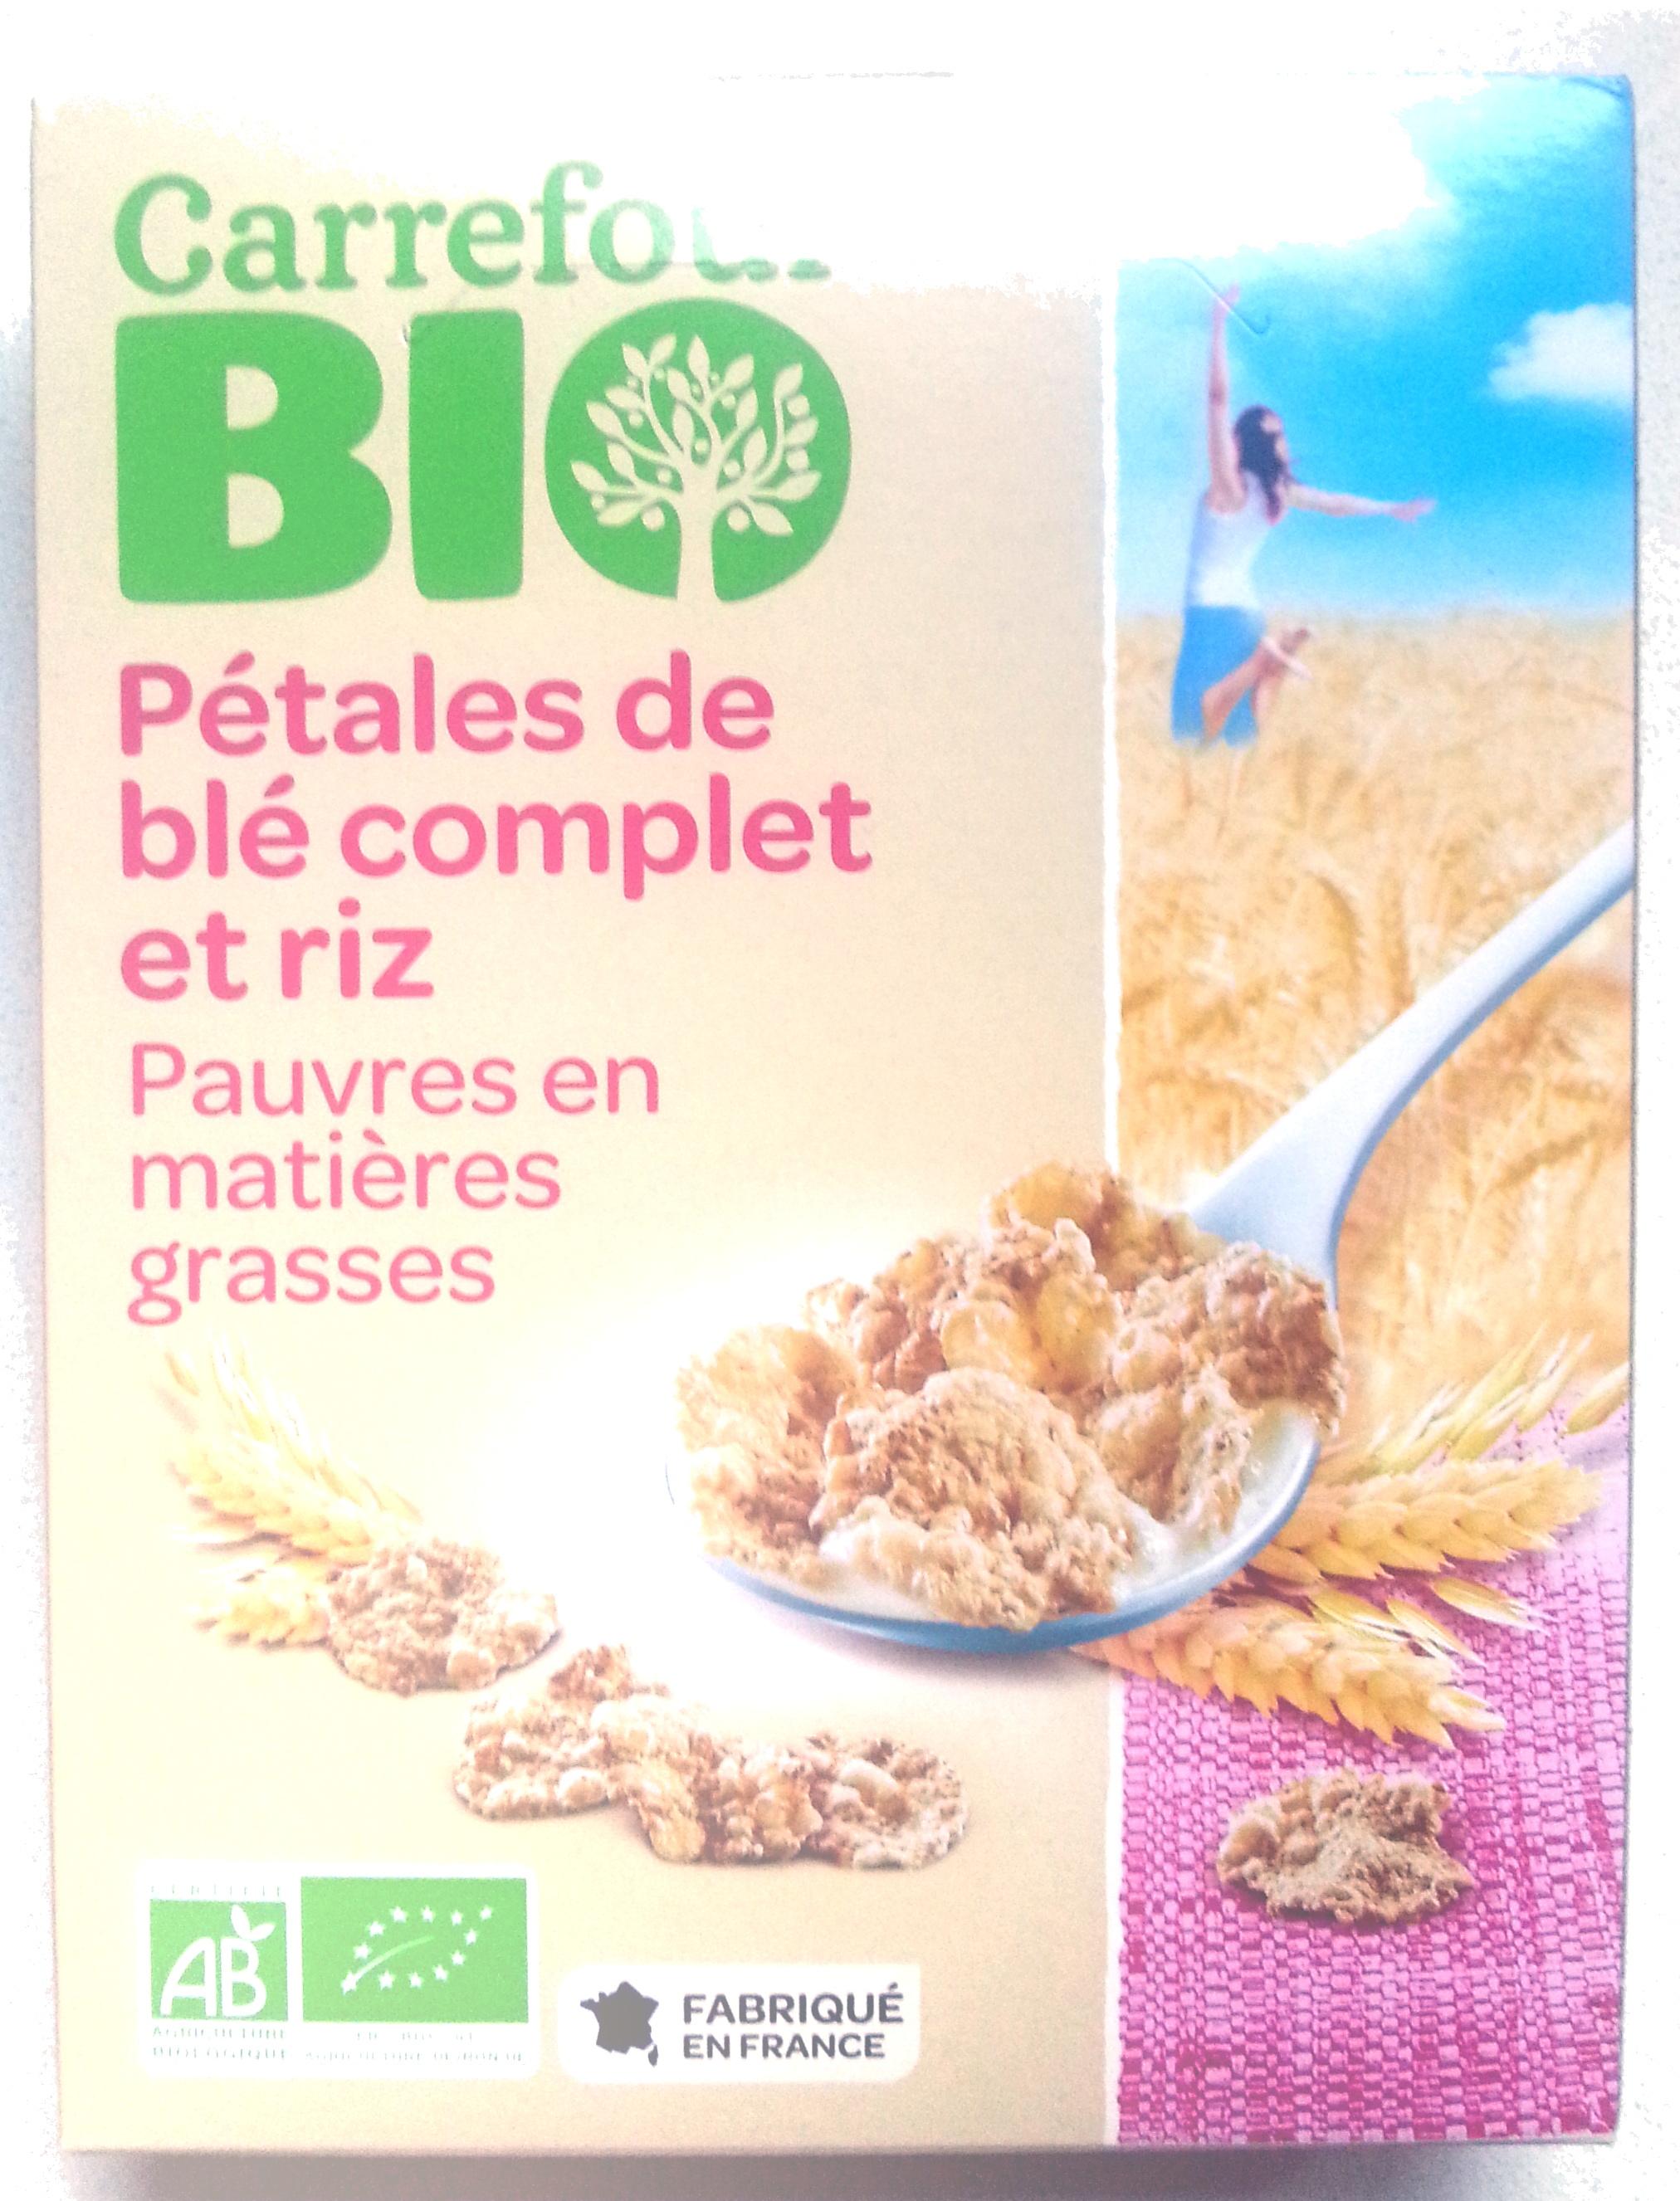 Pétales de blé complet et riz - Product